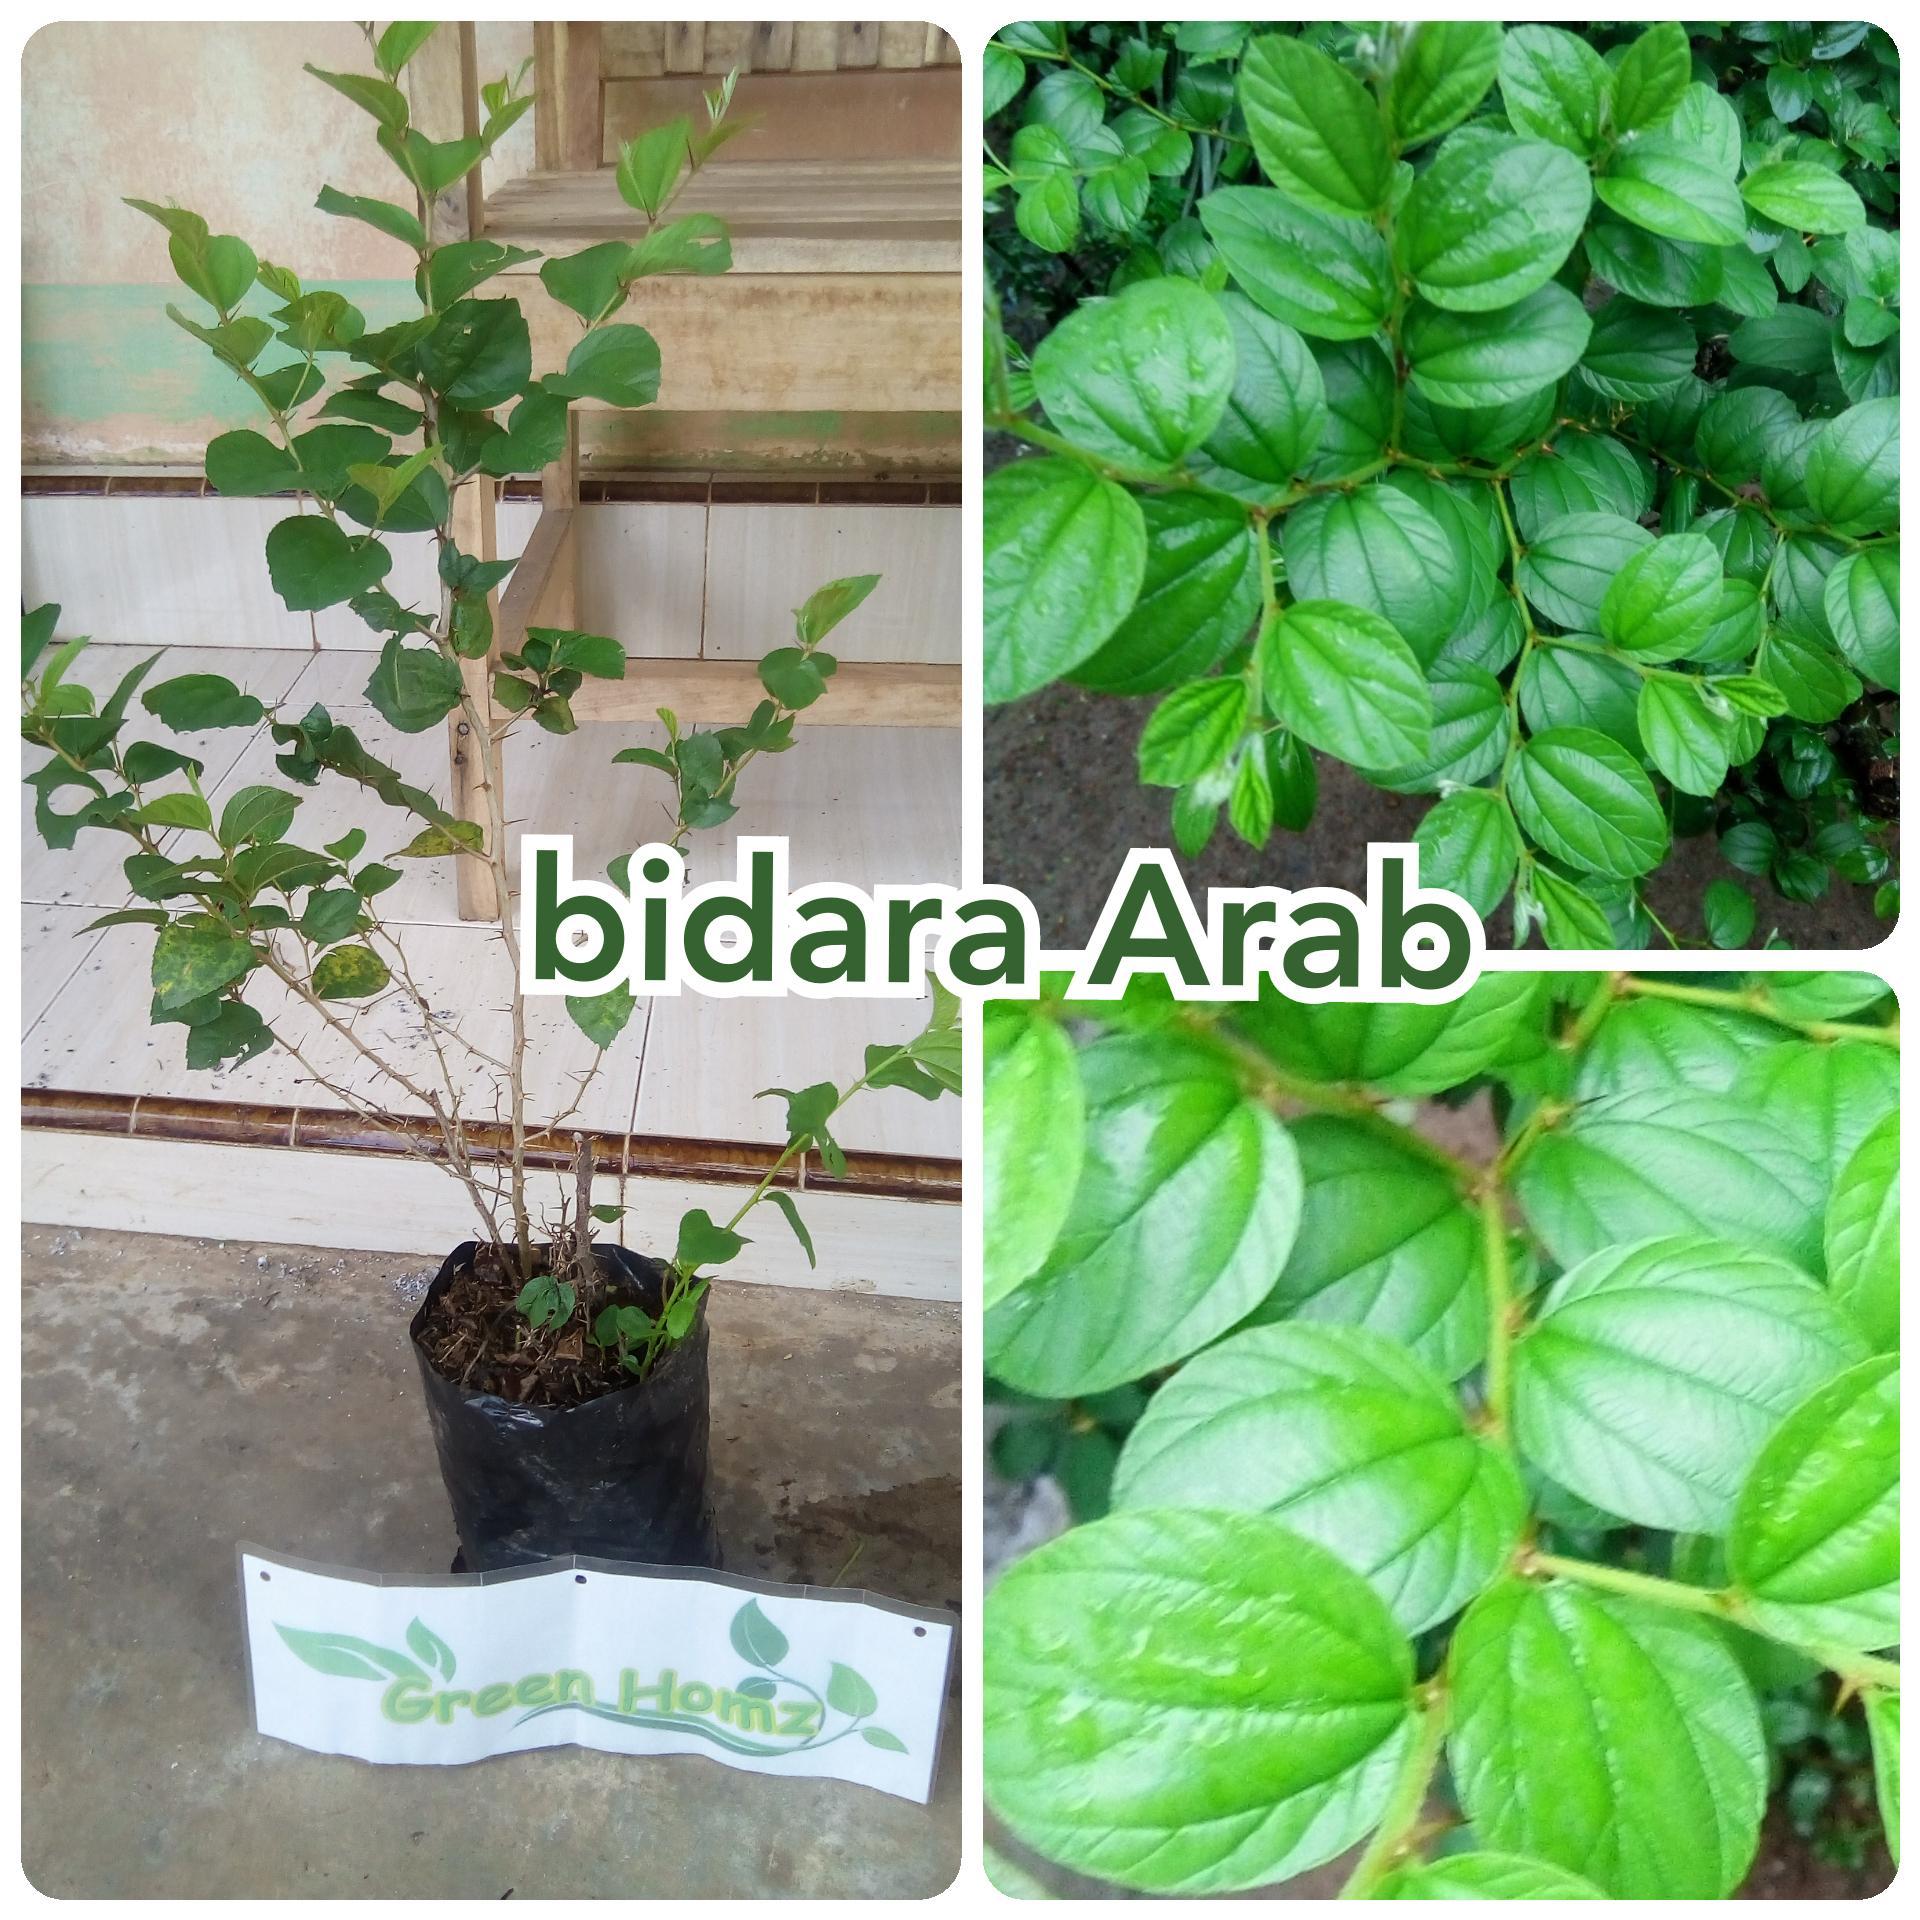 Harga Jual Bibit Tanaman Daun Teh Hijau 20cm 48000 Benih Herbs Catnip Common Haira Seed Bidara Arab Sidr Tumbuhan Banyak Manfaat